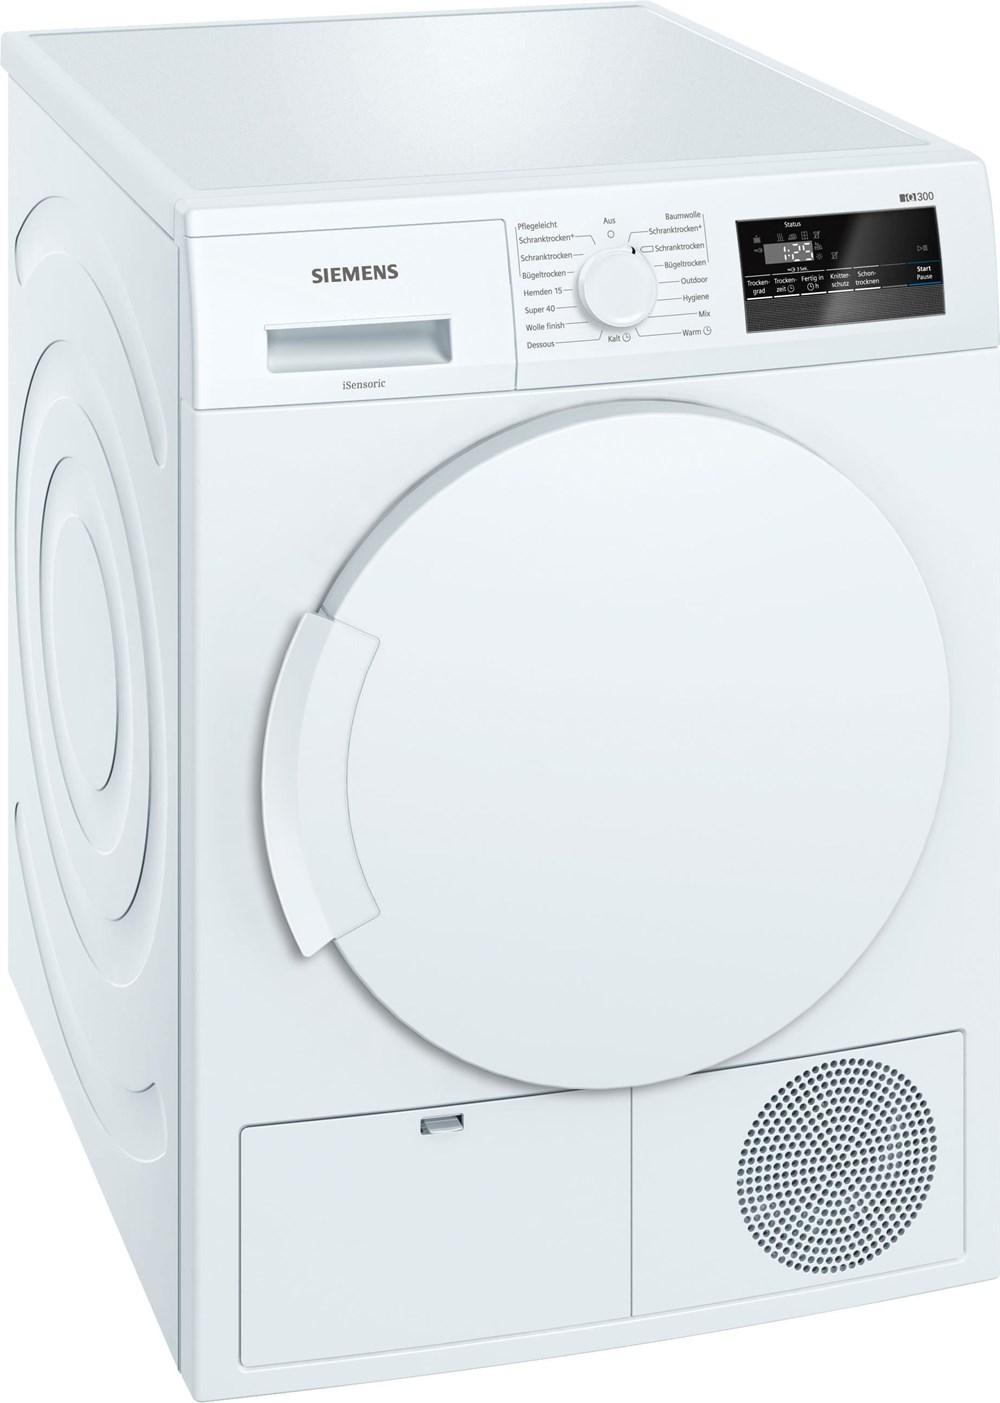 Siemens WT43N200 Kondenstrockner (EEK: B)